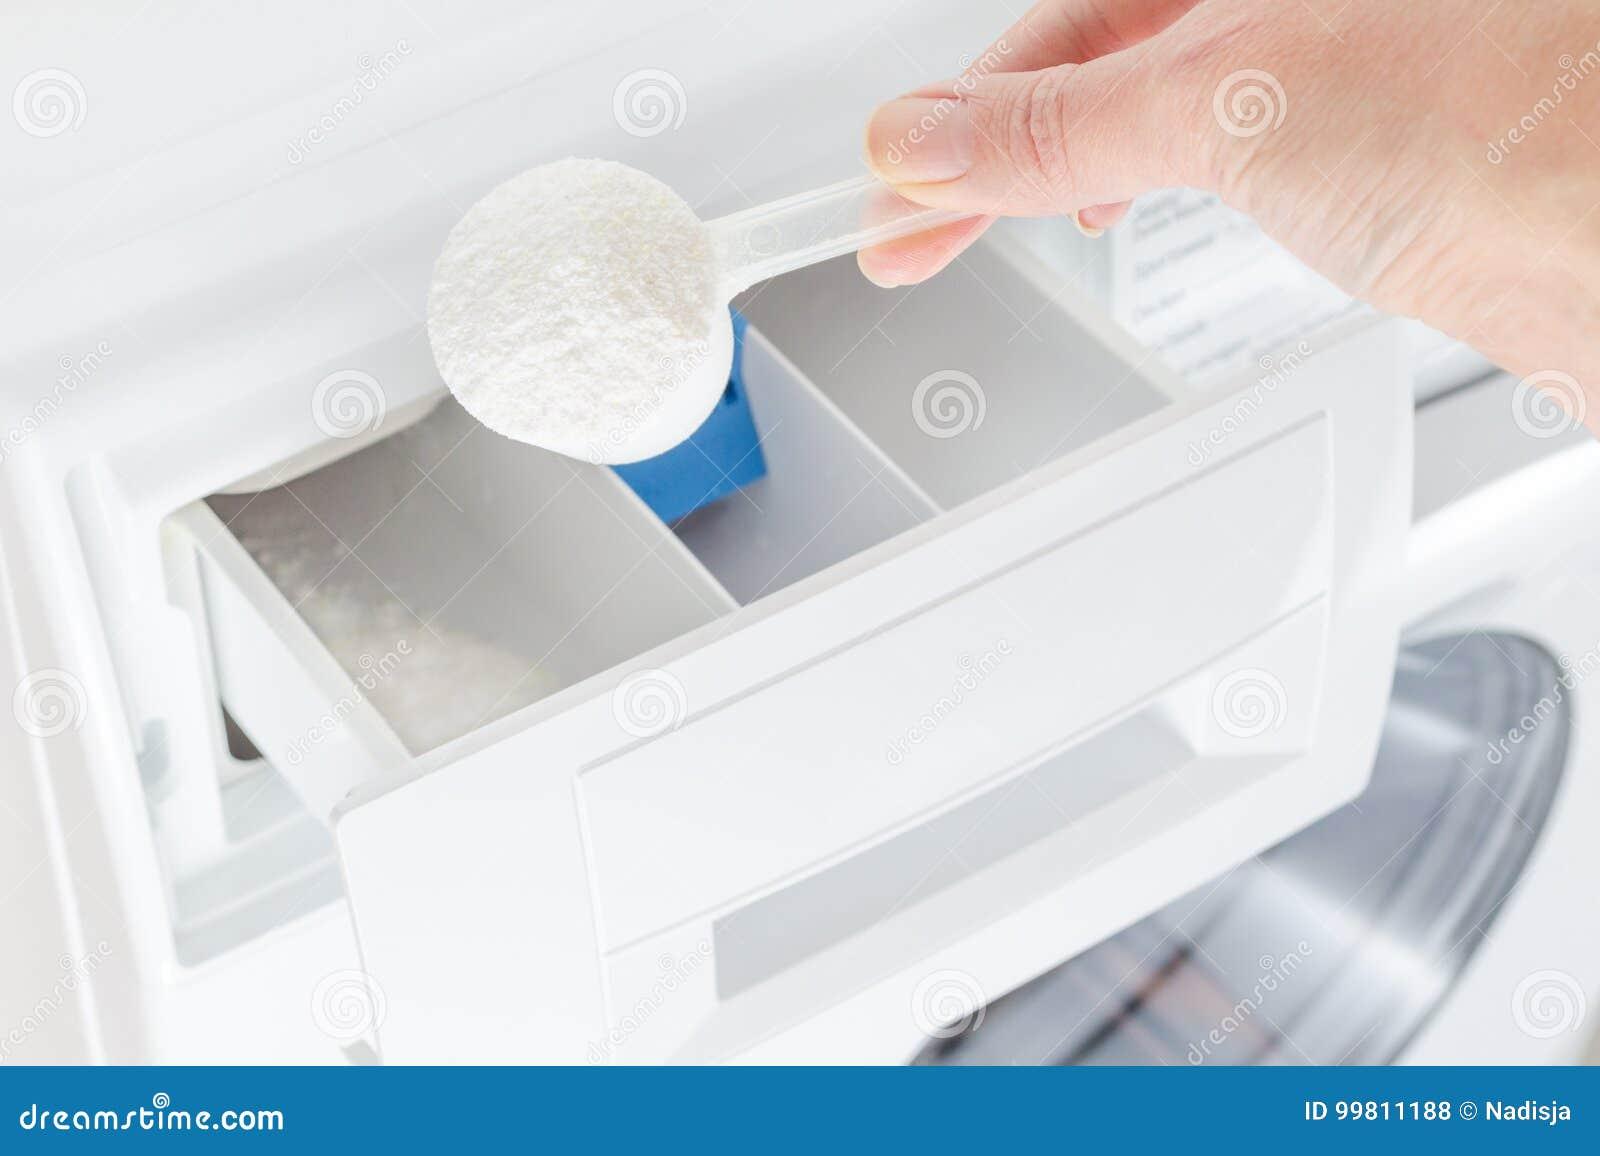 Waschpulver, Reinigungsmittel in einer Schale und die Hand der Frau, Waschmaschine, selektiver Fokus